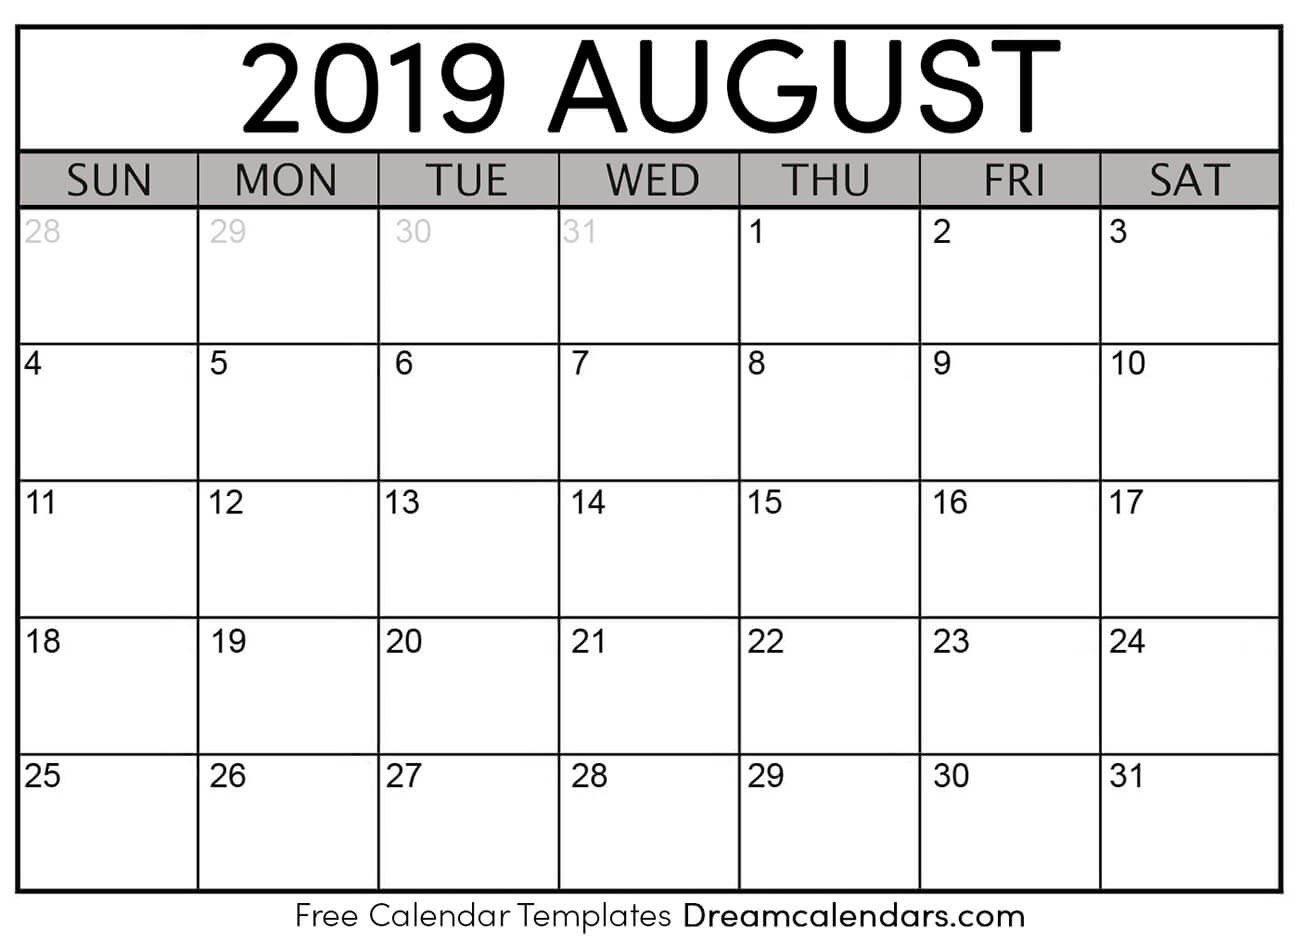 Printable August 2019 Calendar Templates – Helena Orstem – Medium August 1 2019 Calendar